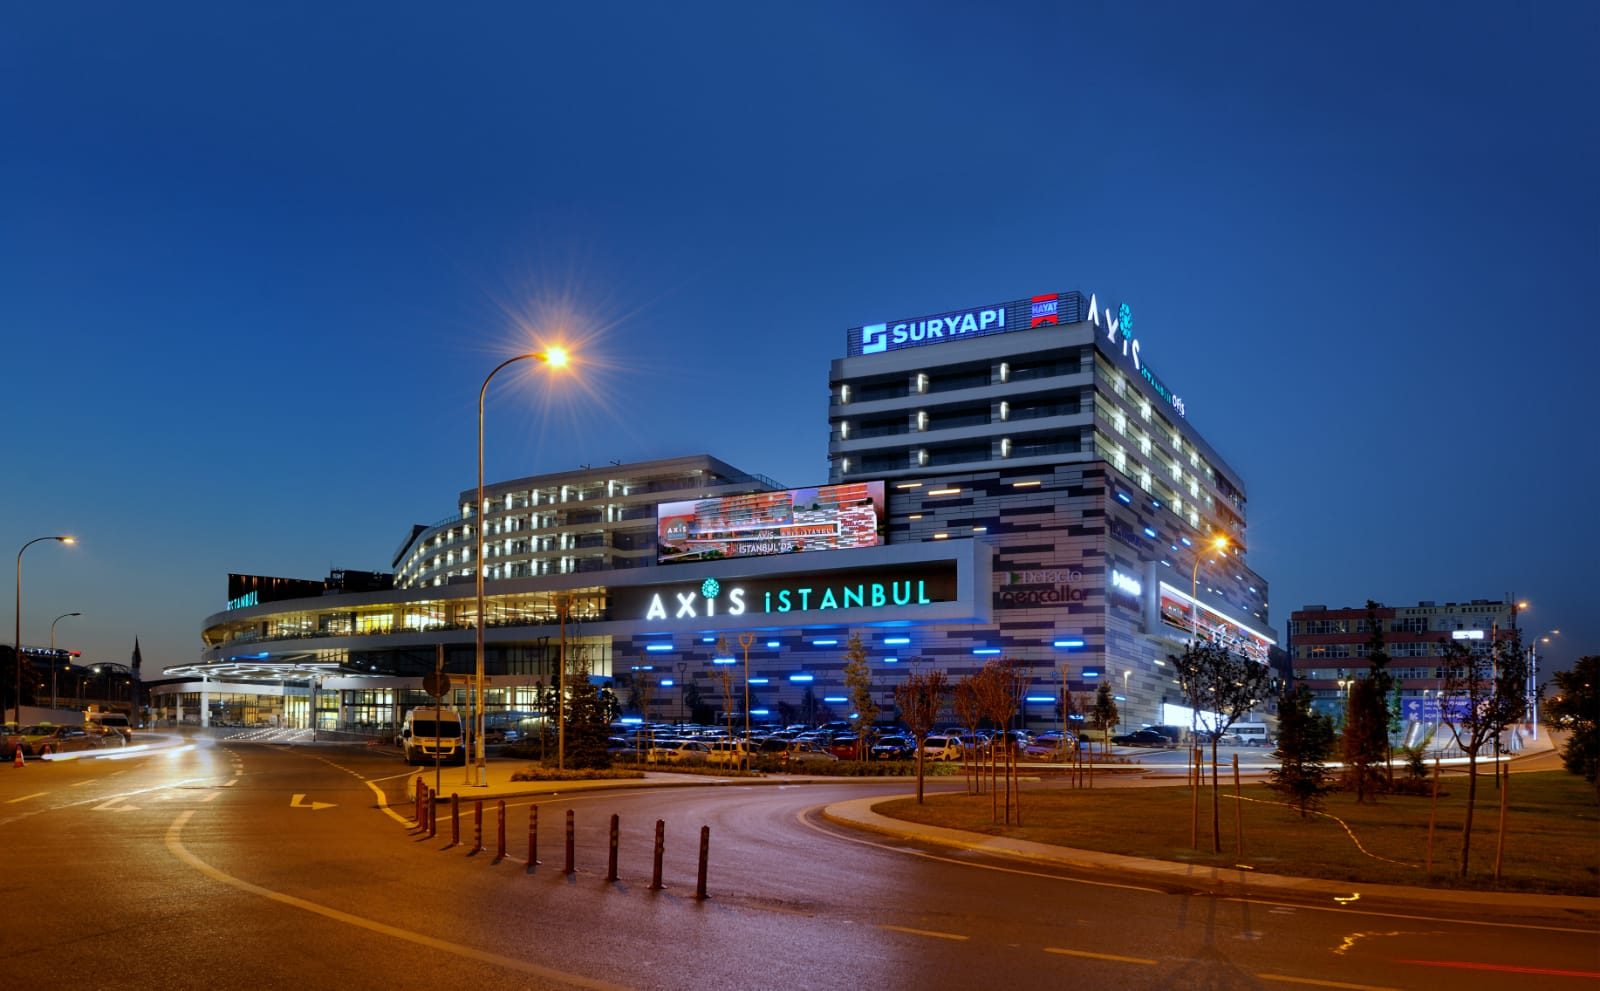 فرصة للاستثمار في أكثر مراكز التسوق نشاطآ في اسطنبول   ( كود المشروع    IC 18  )